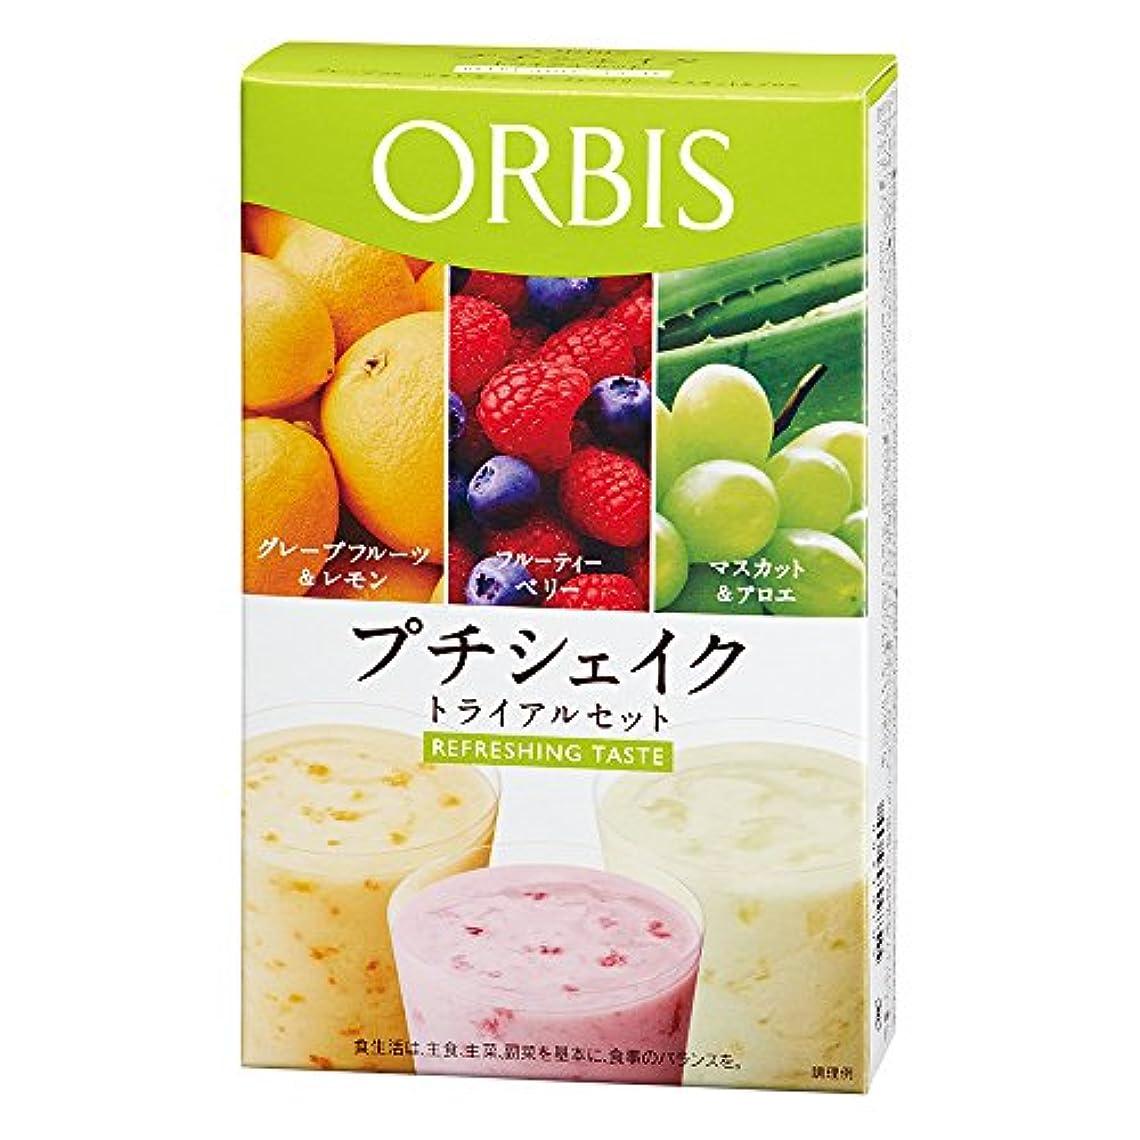 不要酔ったゆりオルビス(ORBIS) プチシェイク トライアルセット リフレッシングテイスト(グレープフルーツ&レモン/フルーティーベリー/マスカット&アロエ) 100g×3食分 ◎ダイエットドリンク?スムージー◎